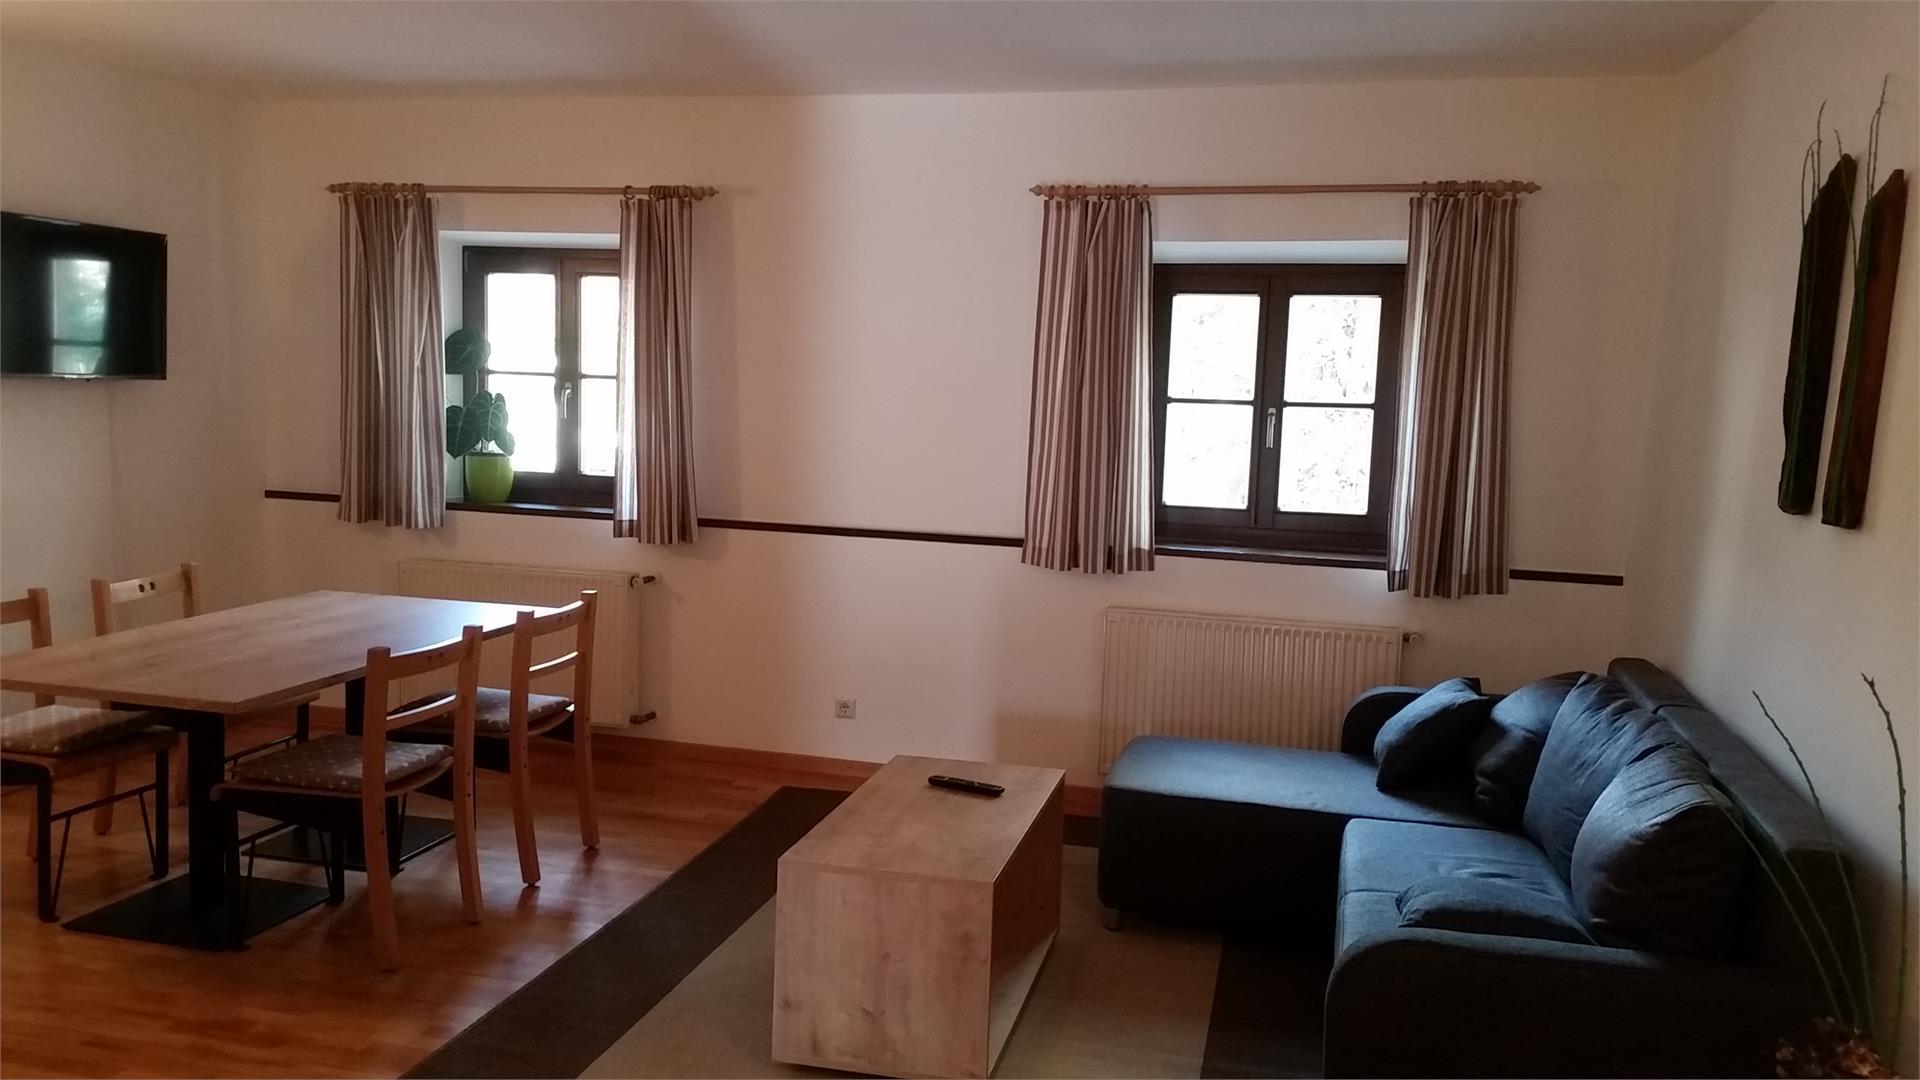 cucina abitabile appartamento con due camere separate